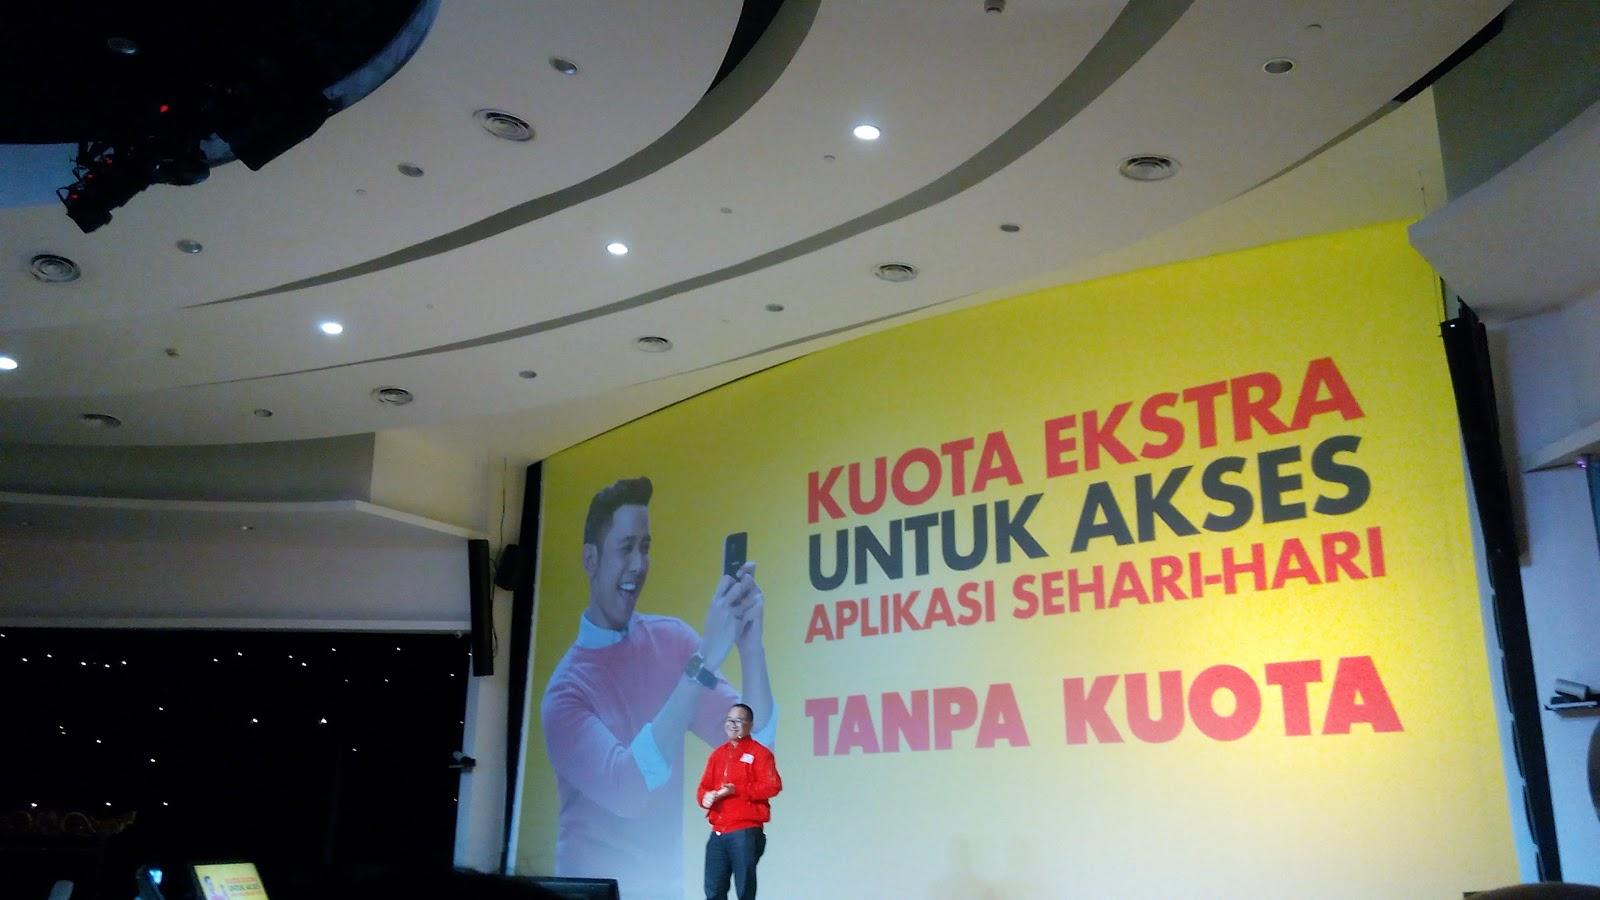 Im3 Tanpa Kuota Untuk Aplikasi Sehari Hari Dan Rp 1 Detik All Paket Freedom Combo M Perusahaan Telekomunikasi Indosat Ooredoo Merilis Baru Bertajuk 50 Dari Kartu Prabayar Ooreedo Ini Sejatinya Merupakan